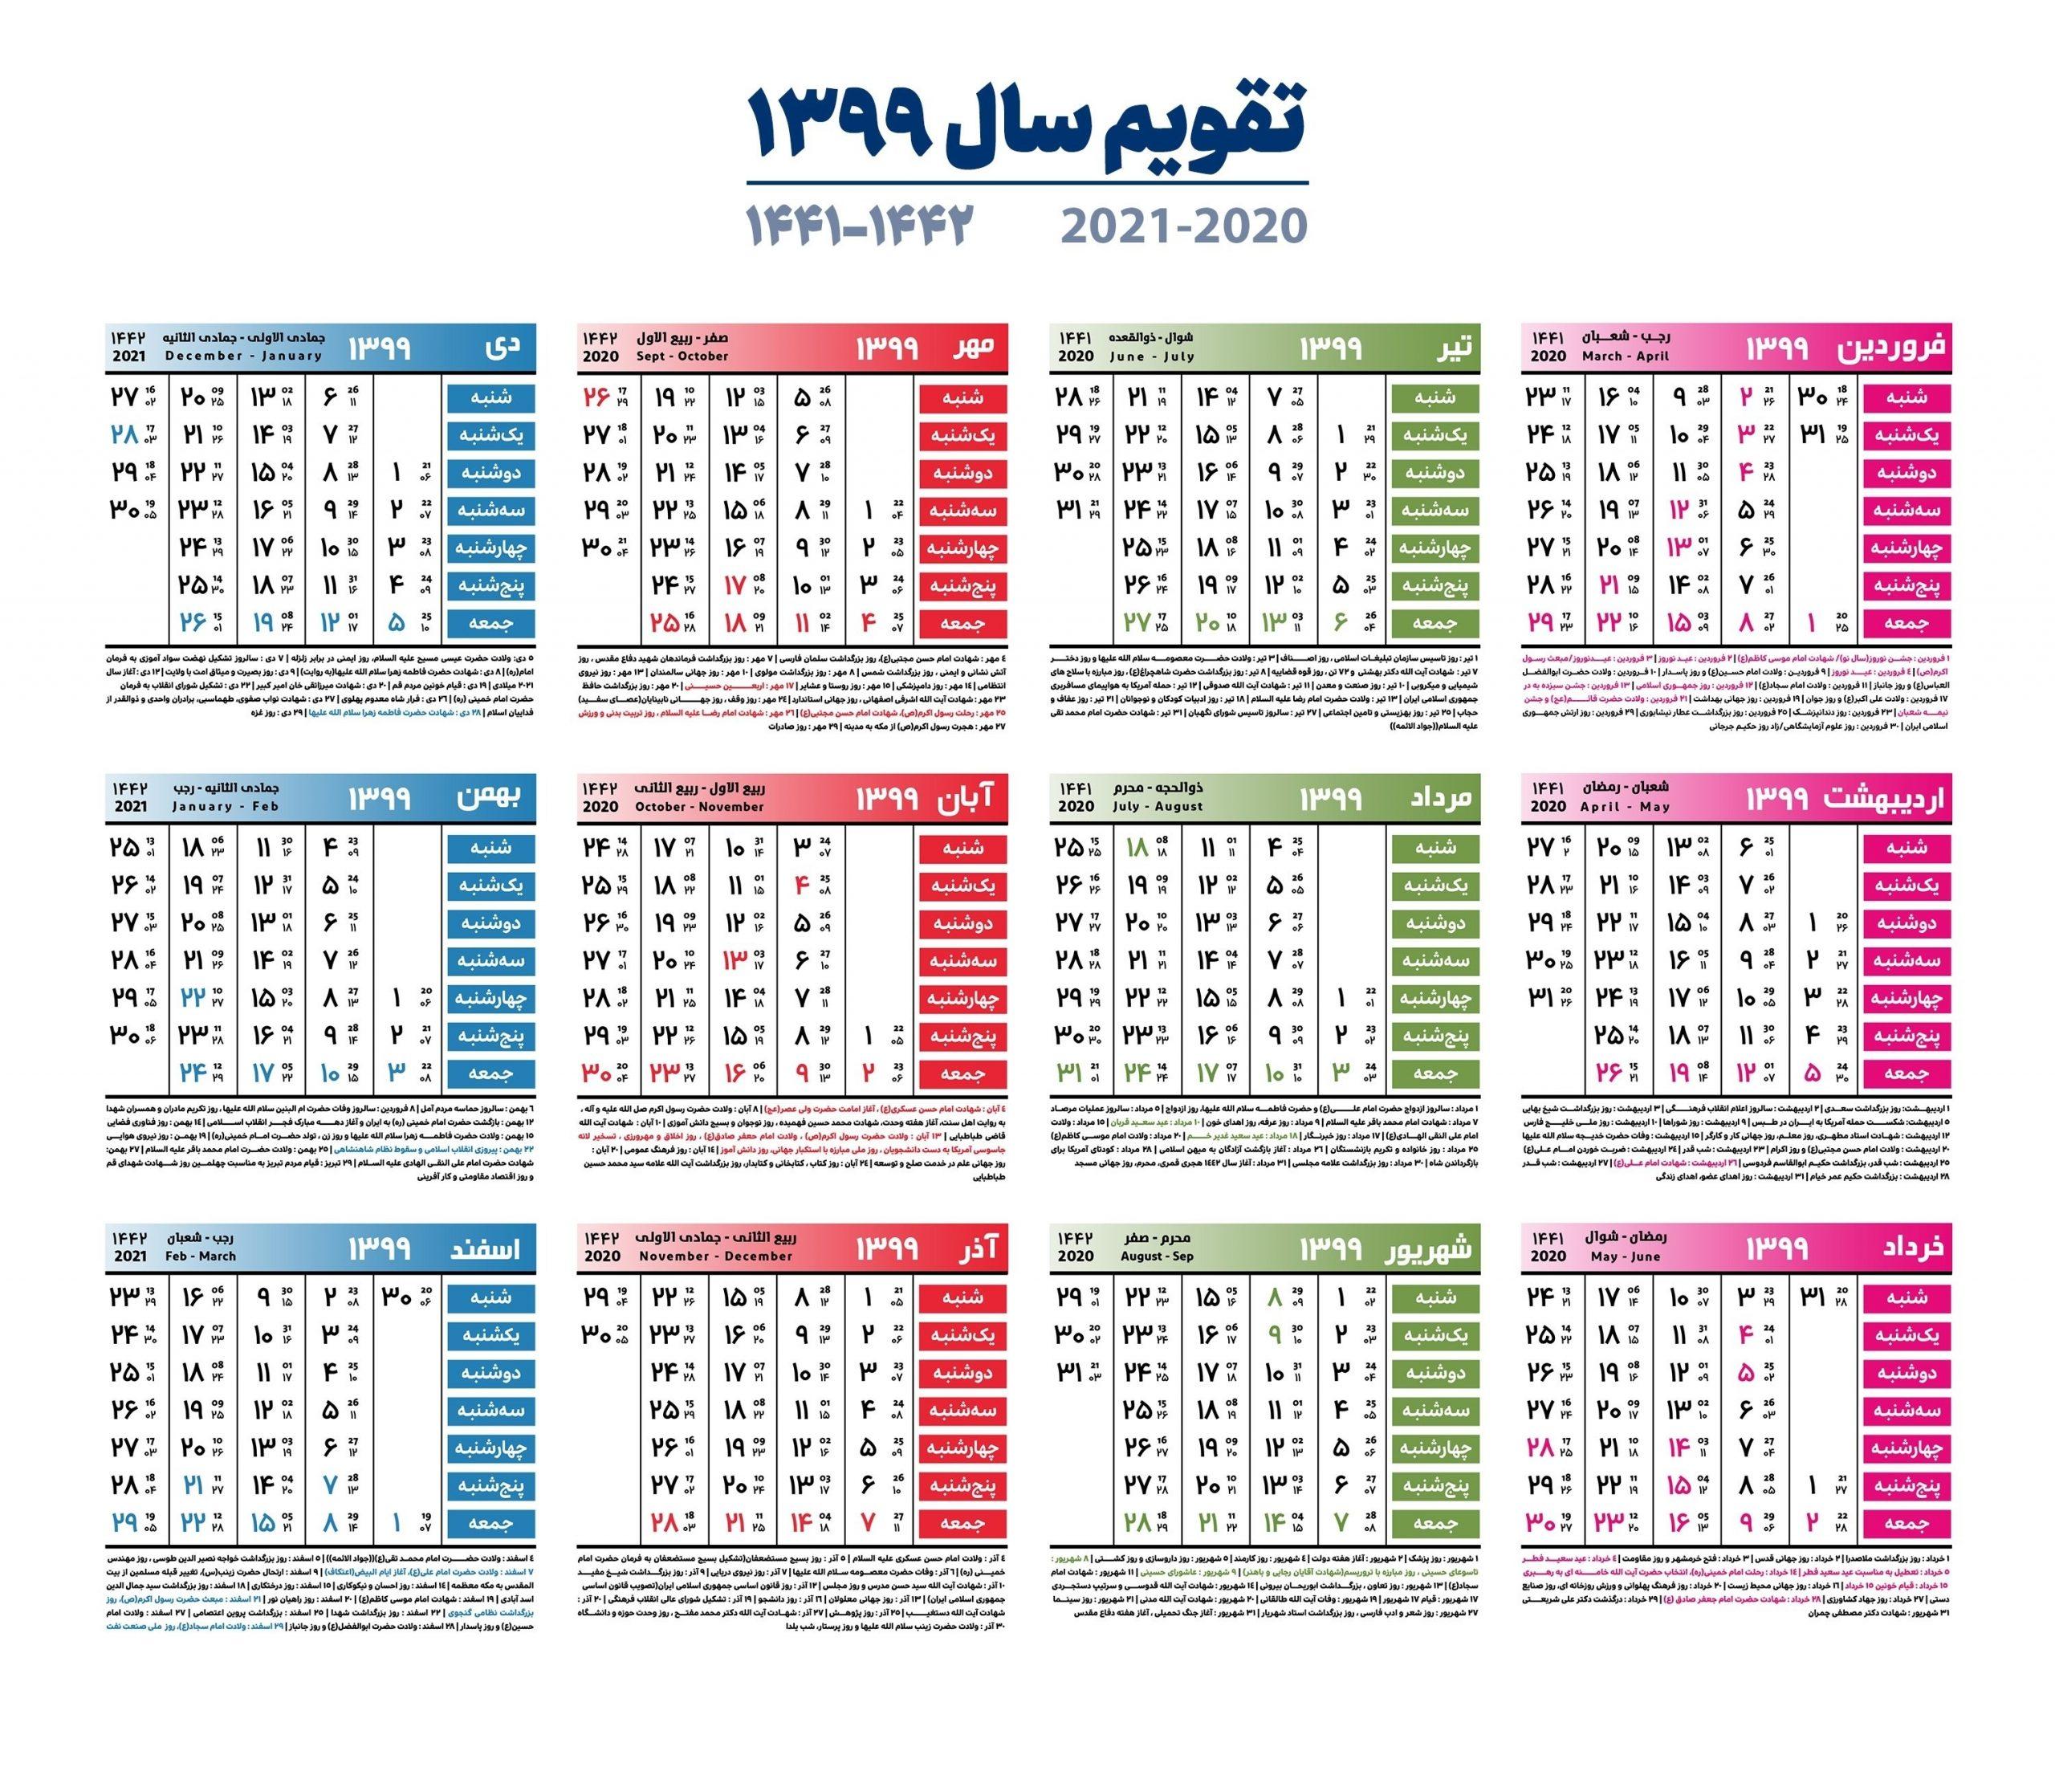 Convert Julian Date 2 025 To Calendar Date | Printable Calendar 2020-2021